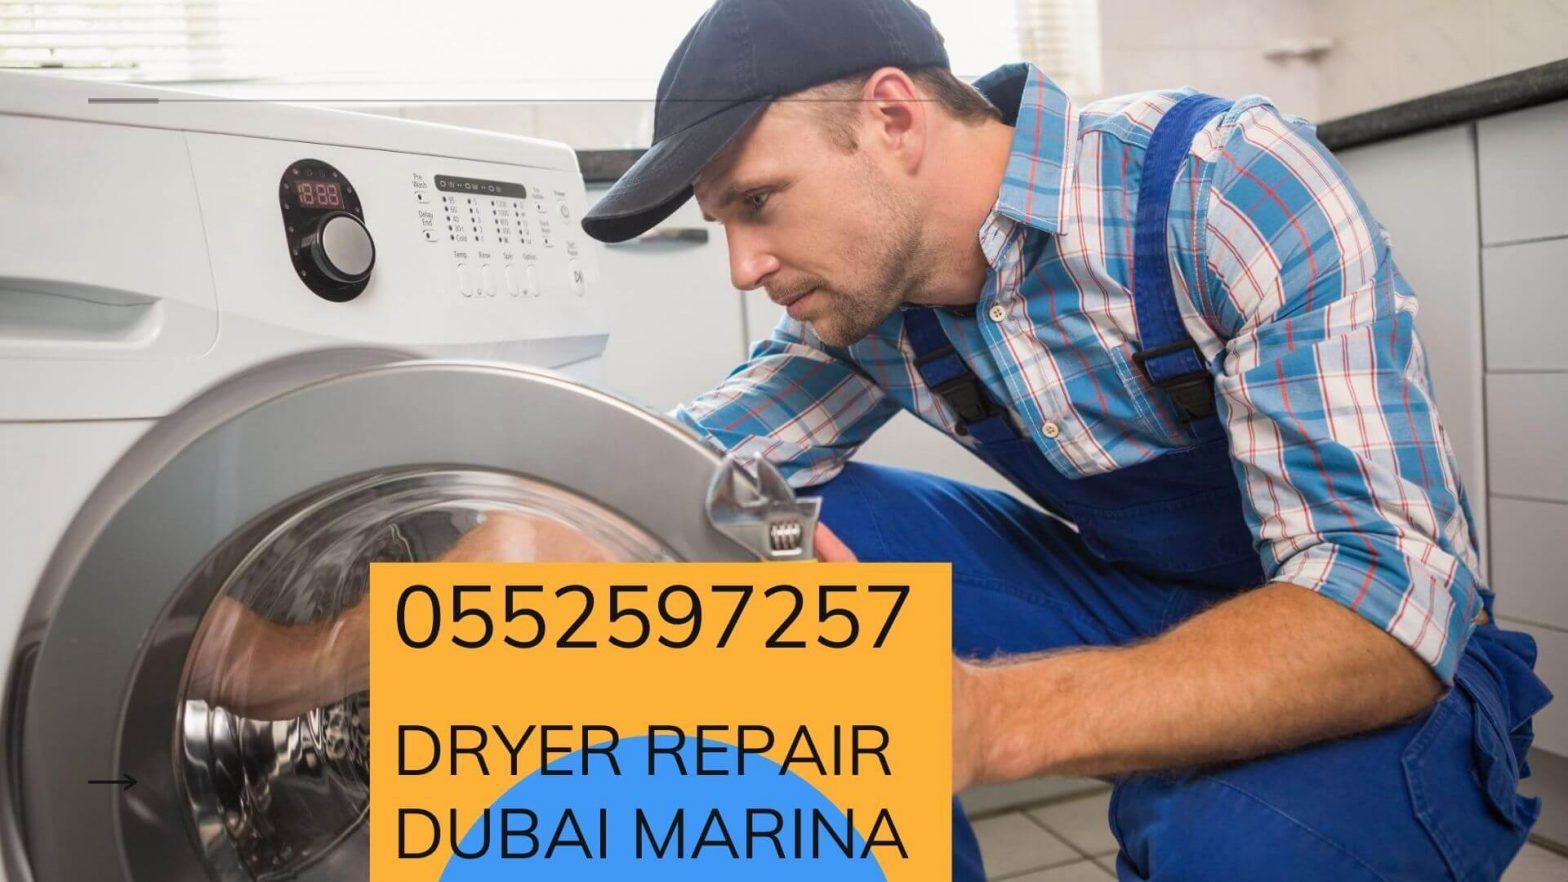 Dryer repair Dubai marina